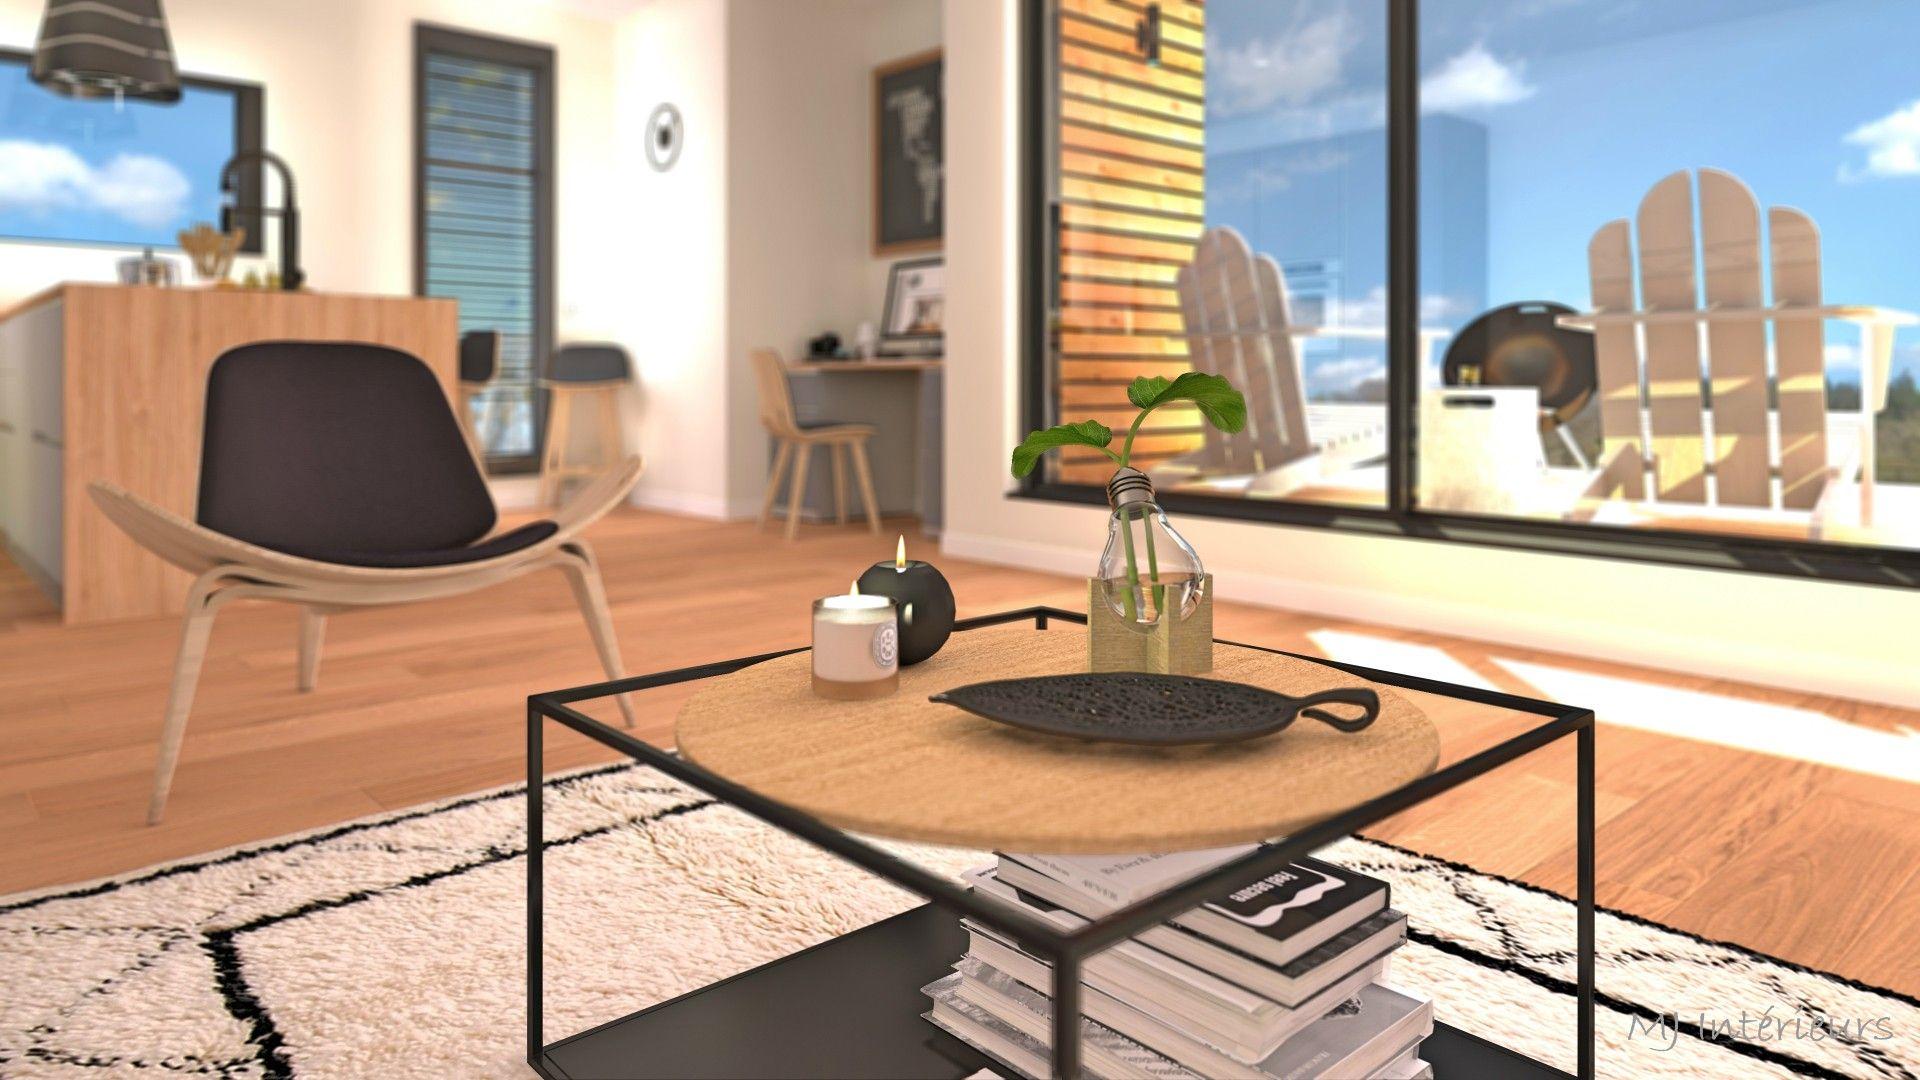 Table Basse Roche Bobois Table Basse Roche Bobois Decoration Interieure Royan